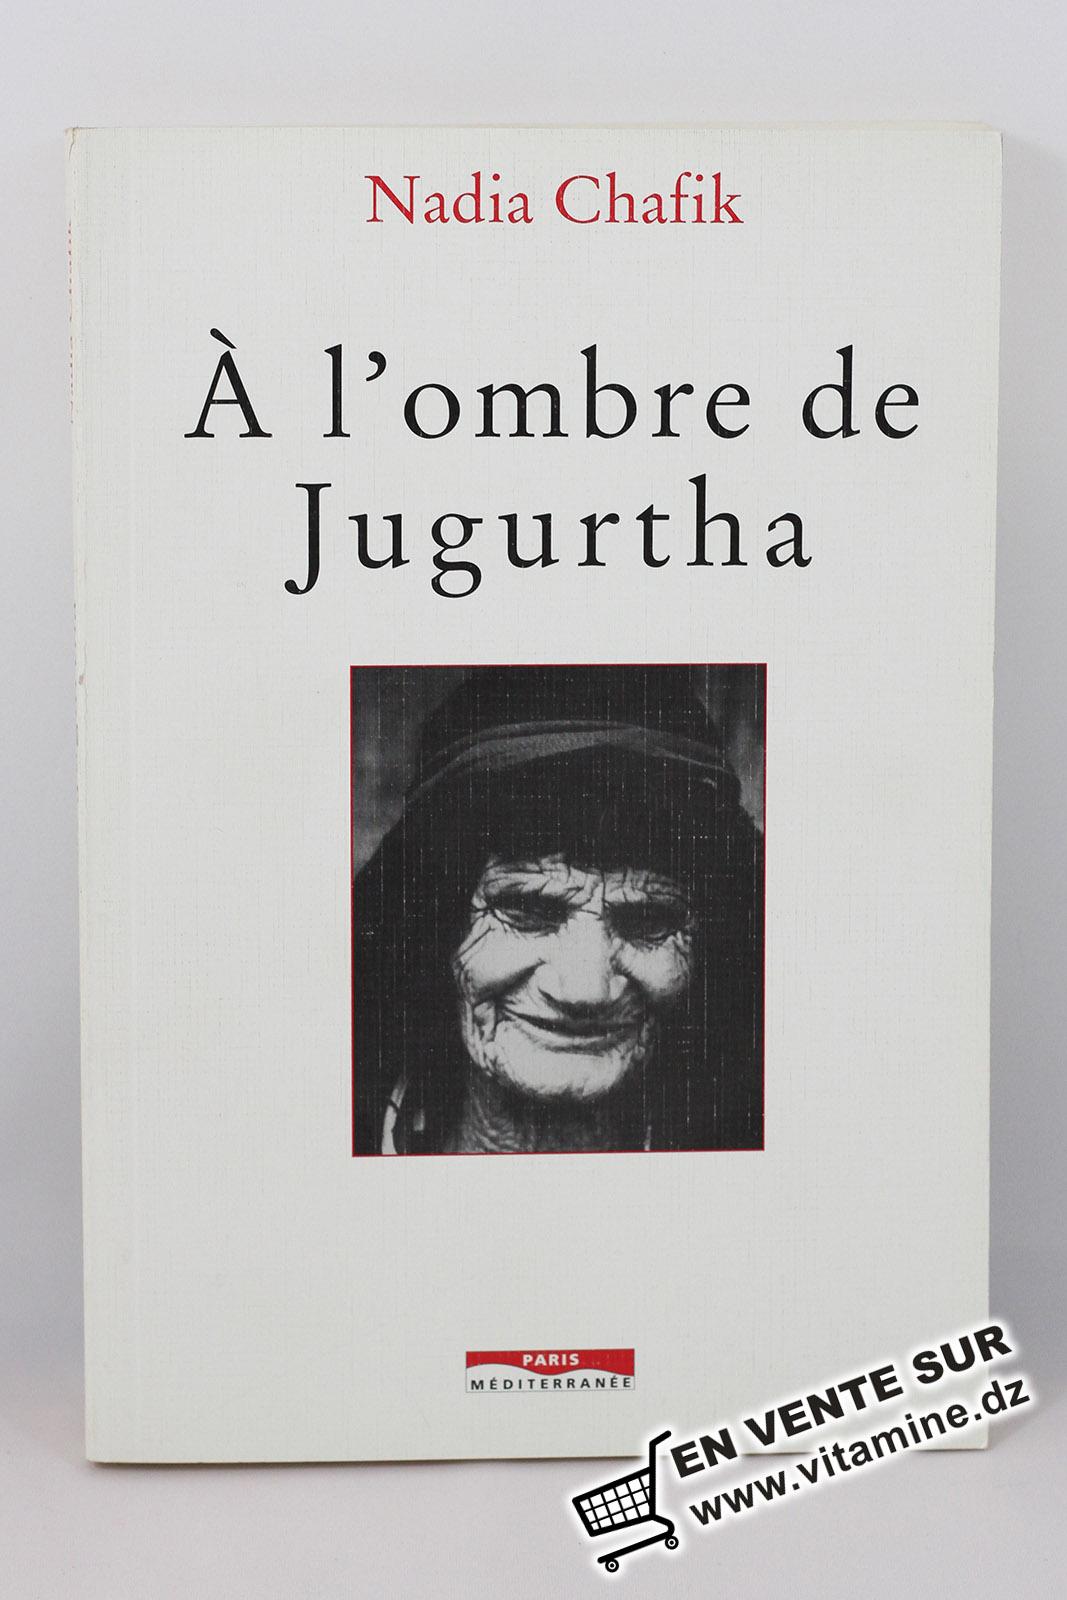 Nadia Chafik - à l'ombre de Jugurtha